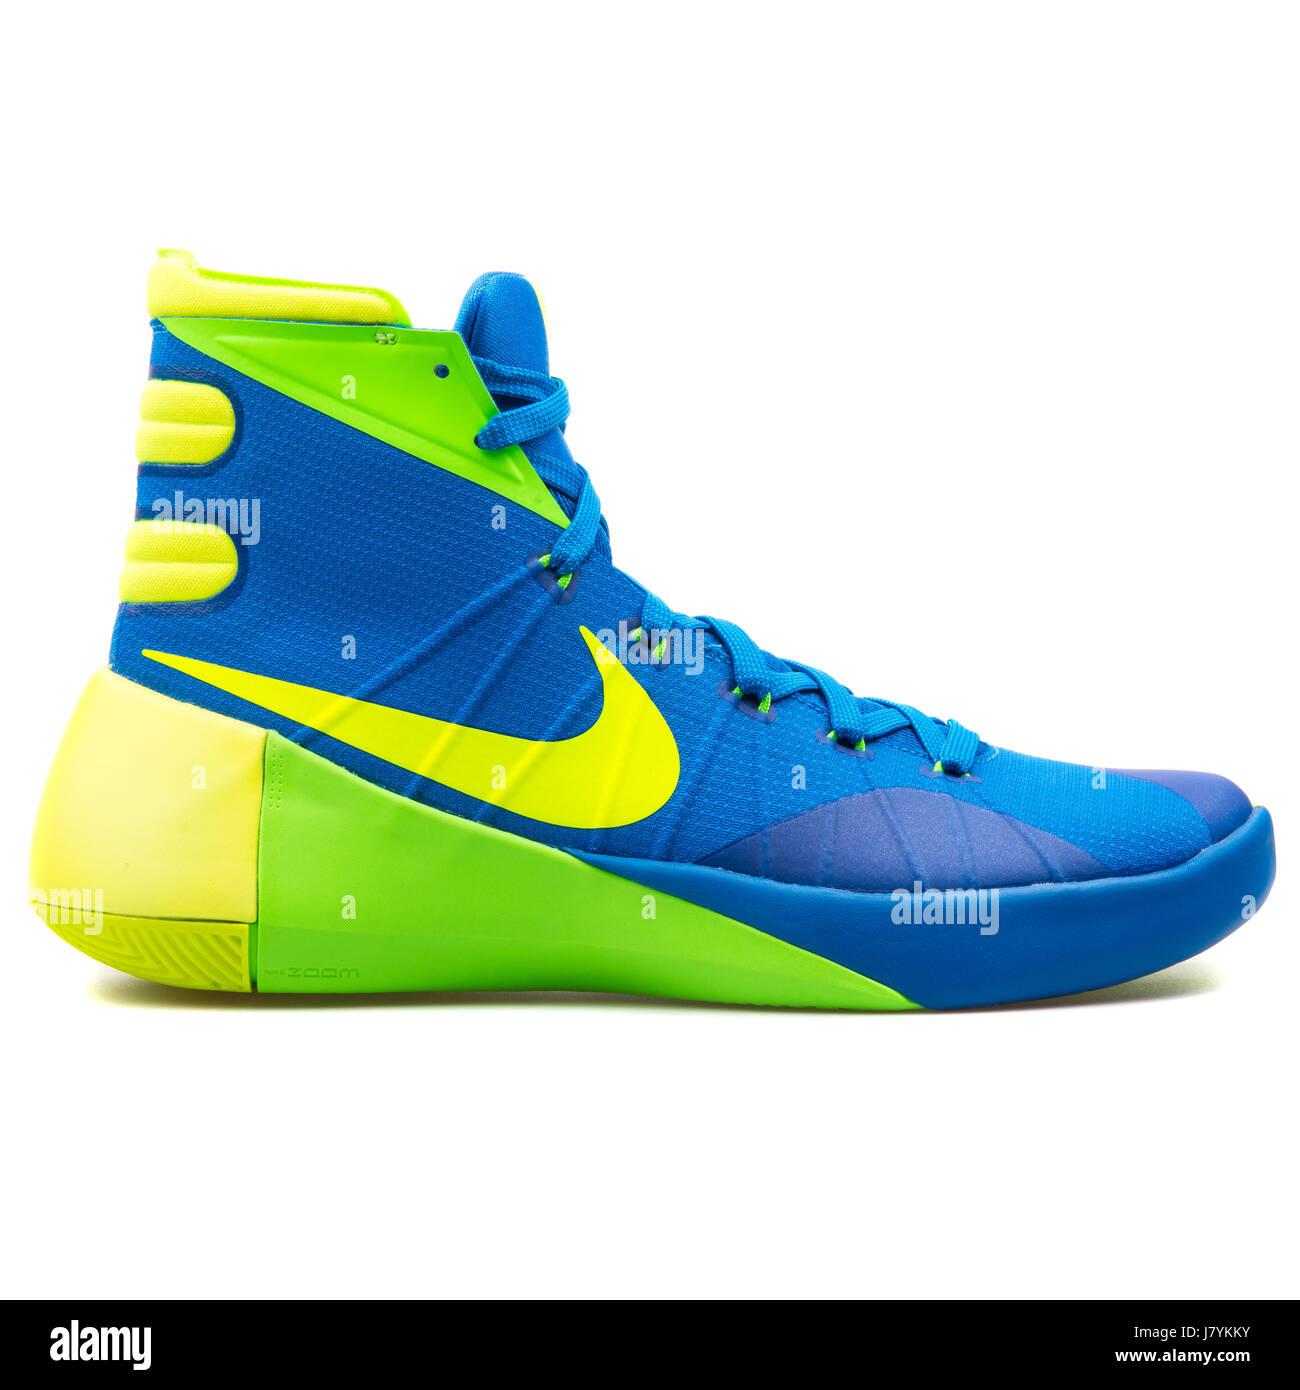 Hyperdunk 2015 Men's Chaussures Vert Jaune 473 Nike Bleu Et 749561 w8knOP0